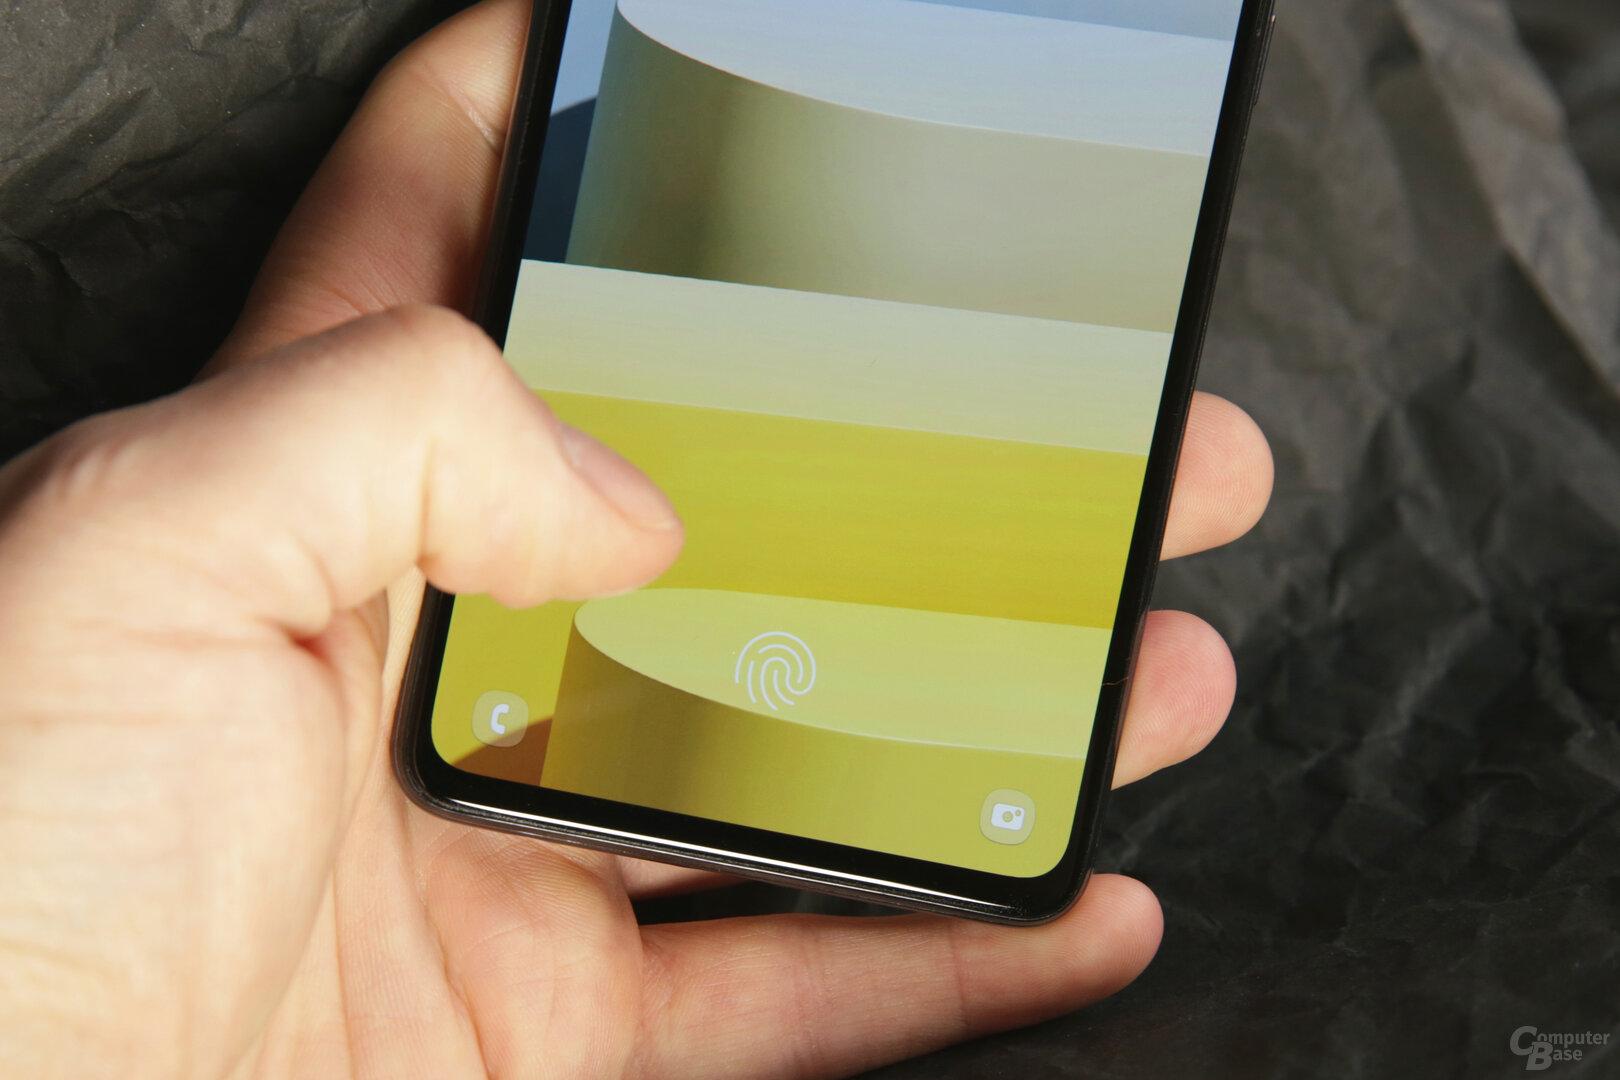 Zuverlässiger in das Display integrierter Fingerabdrucksensor